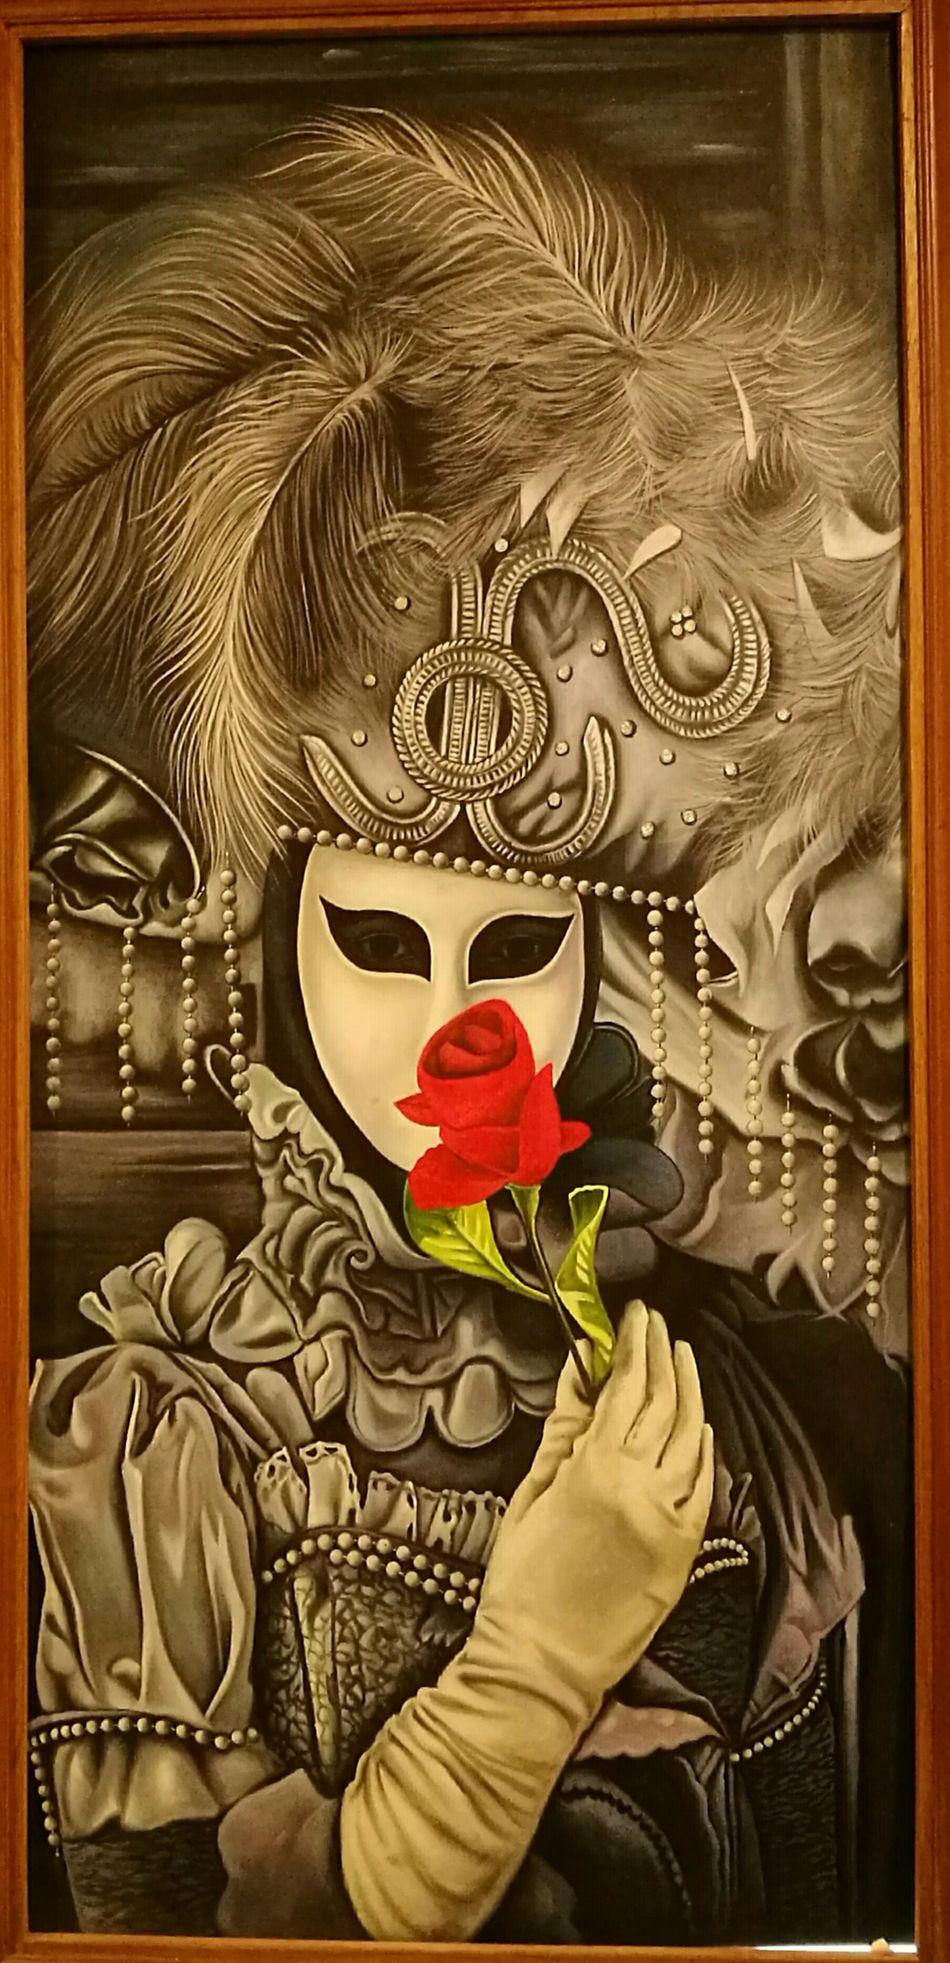 Close-up Artisian Opera House Black & White Classic Masks Rose♥ Venice Phantom Fantasy